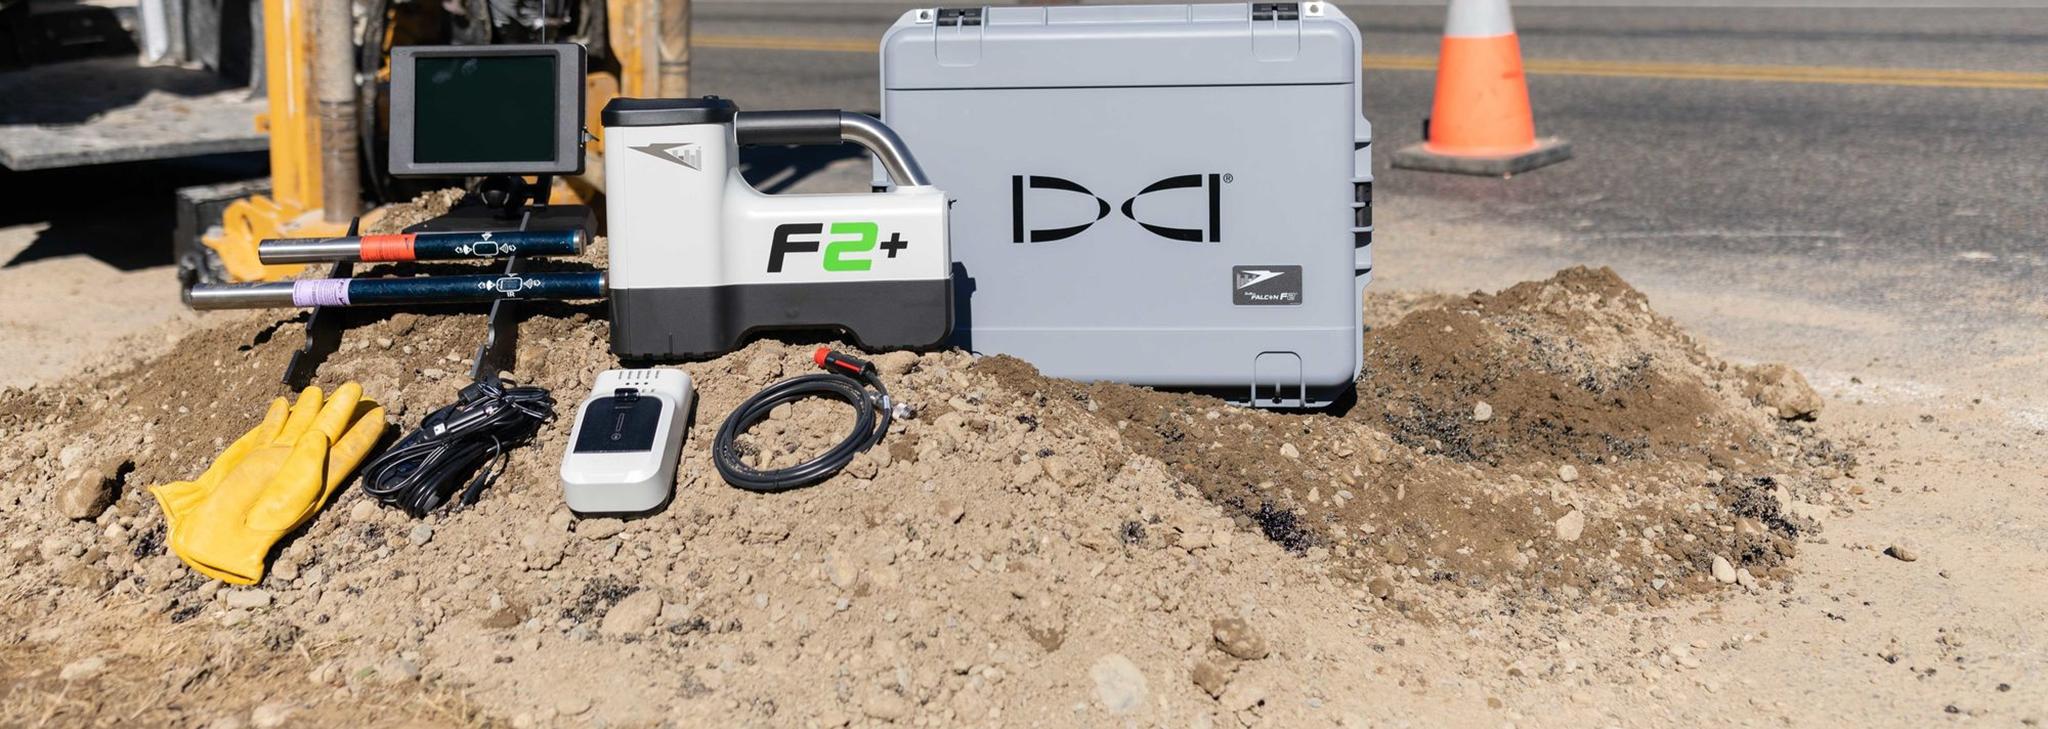 grabenlose Technik, HDD Spülbohrung und Erdraketen